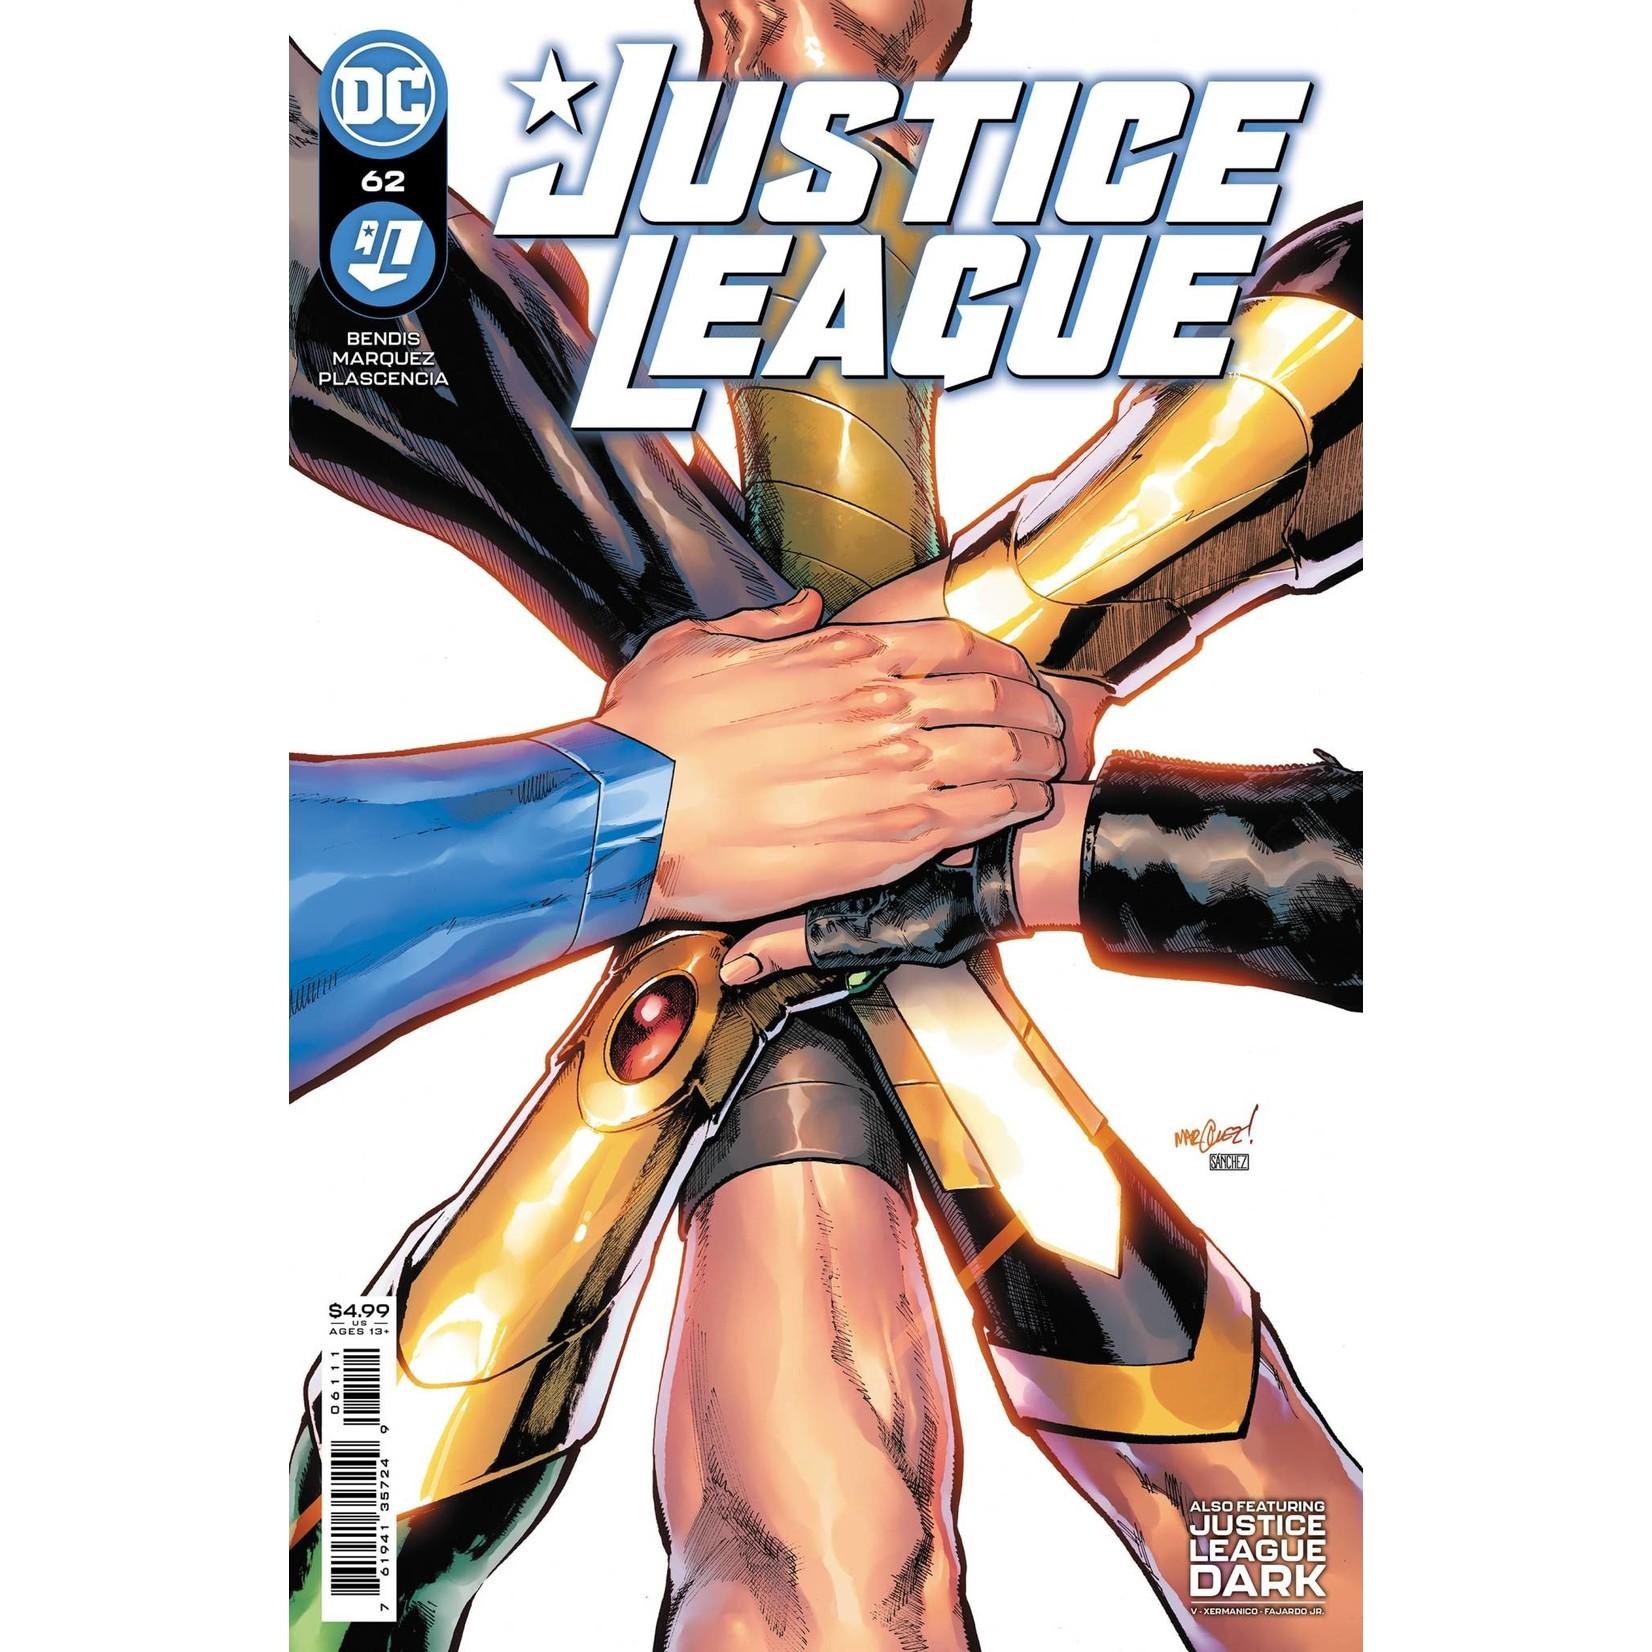 DC Comics JUSTICE LEAGUE #62 CVR A DAVID MARQUEZ